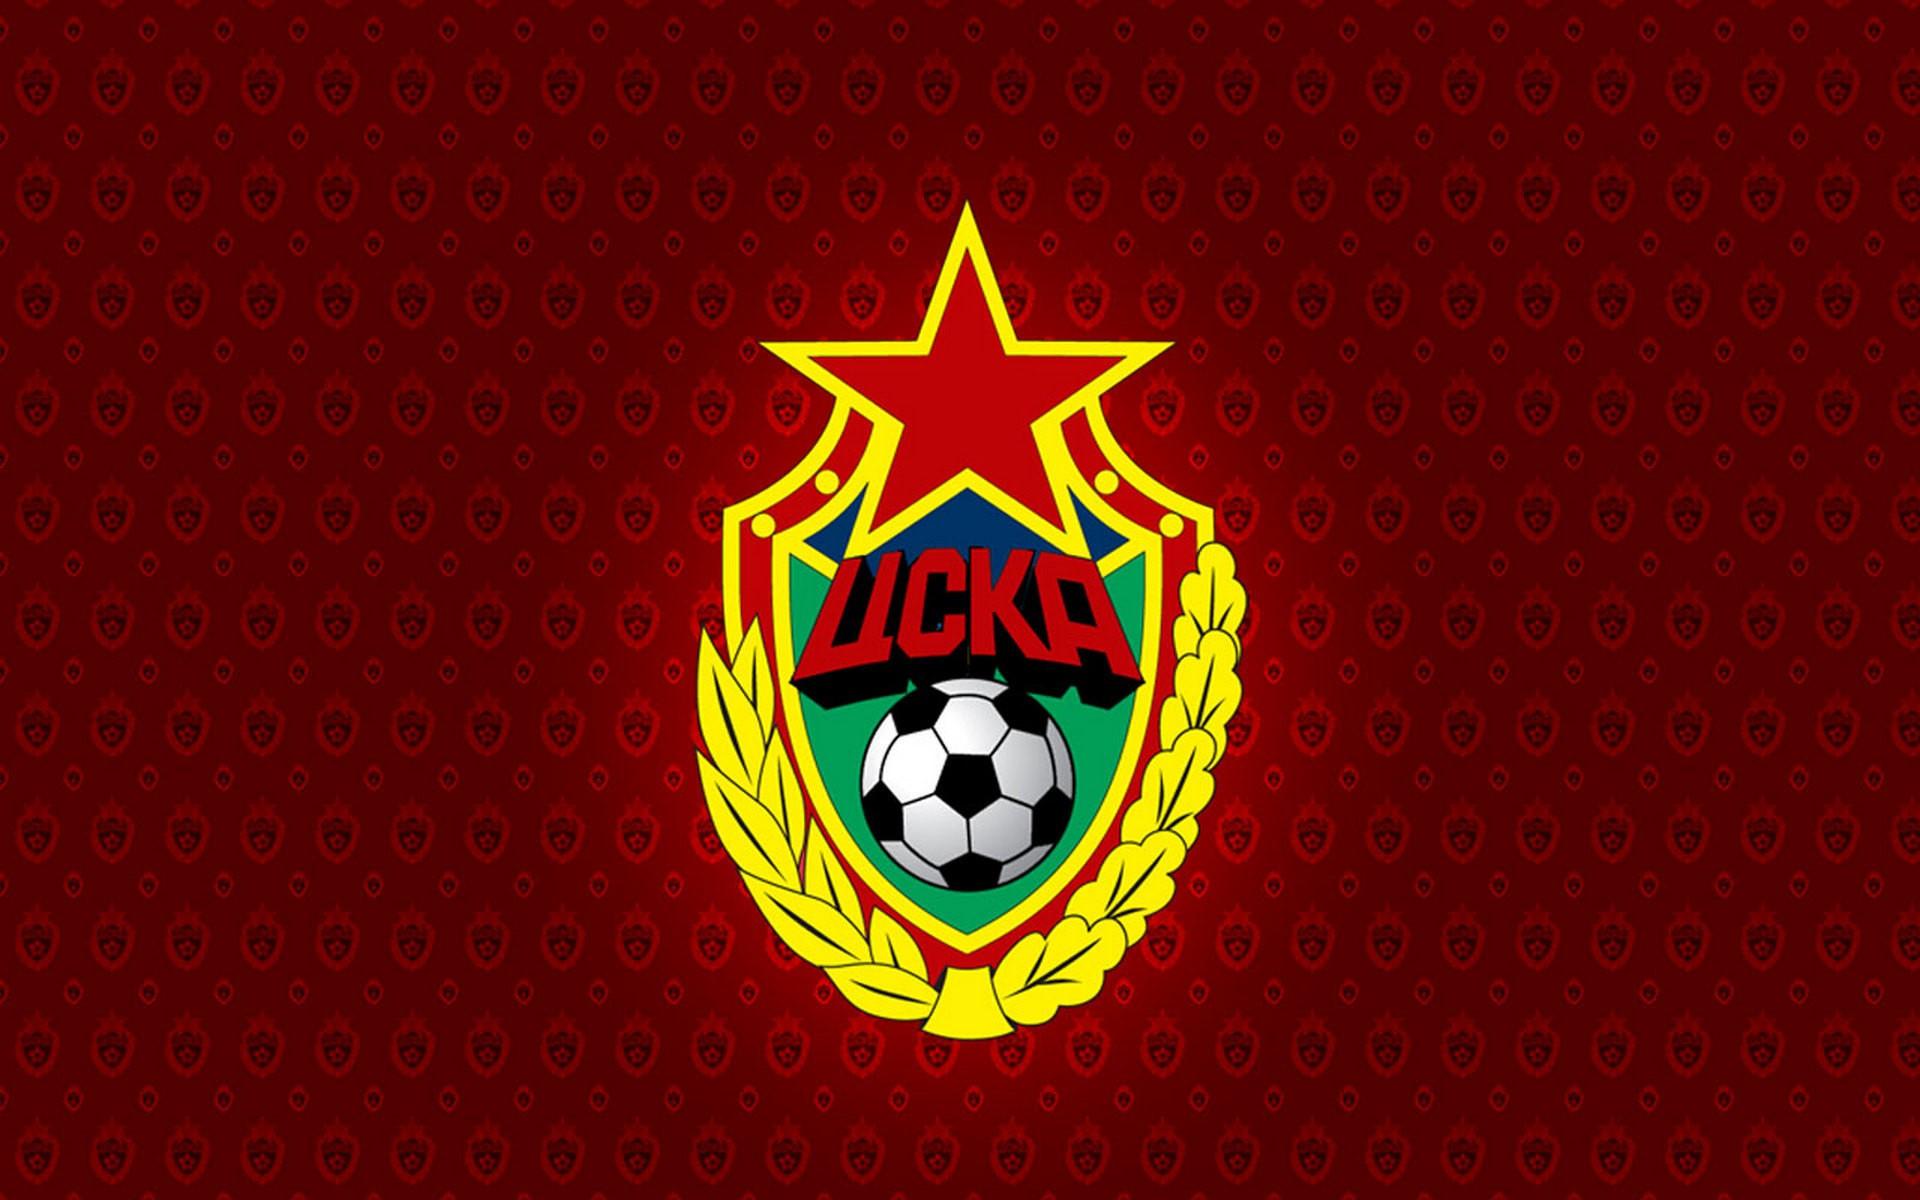 PFC CSKA Moscow Wallpaper 2   1920 X 1200 stmednet 1920x1200